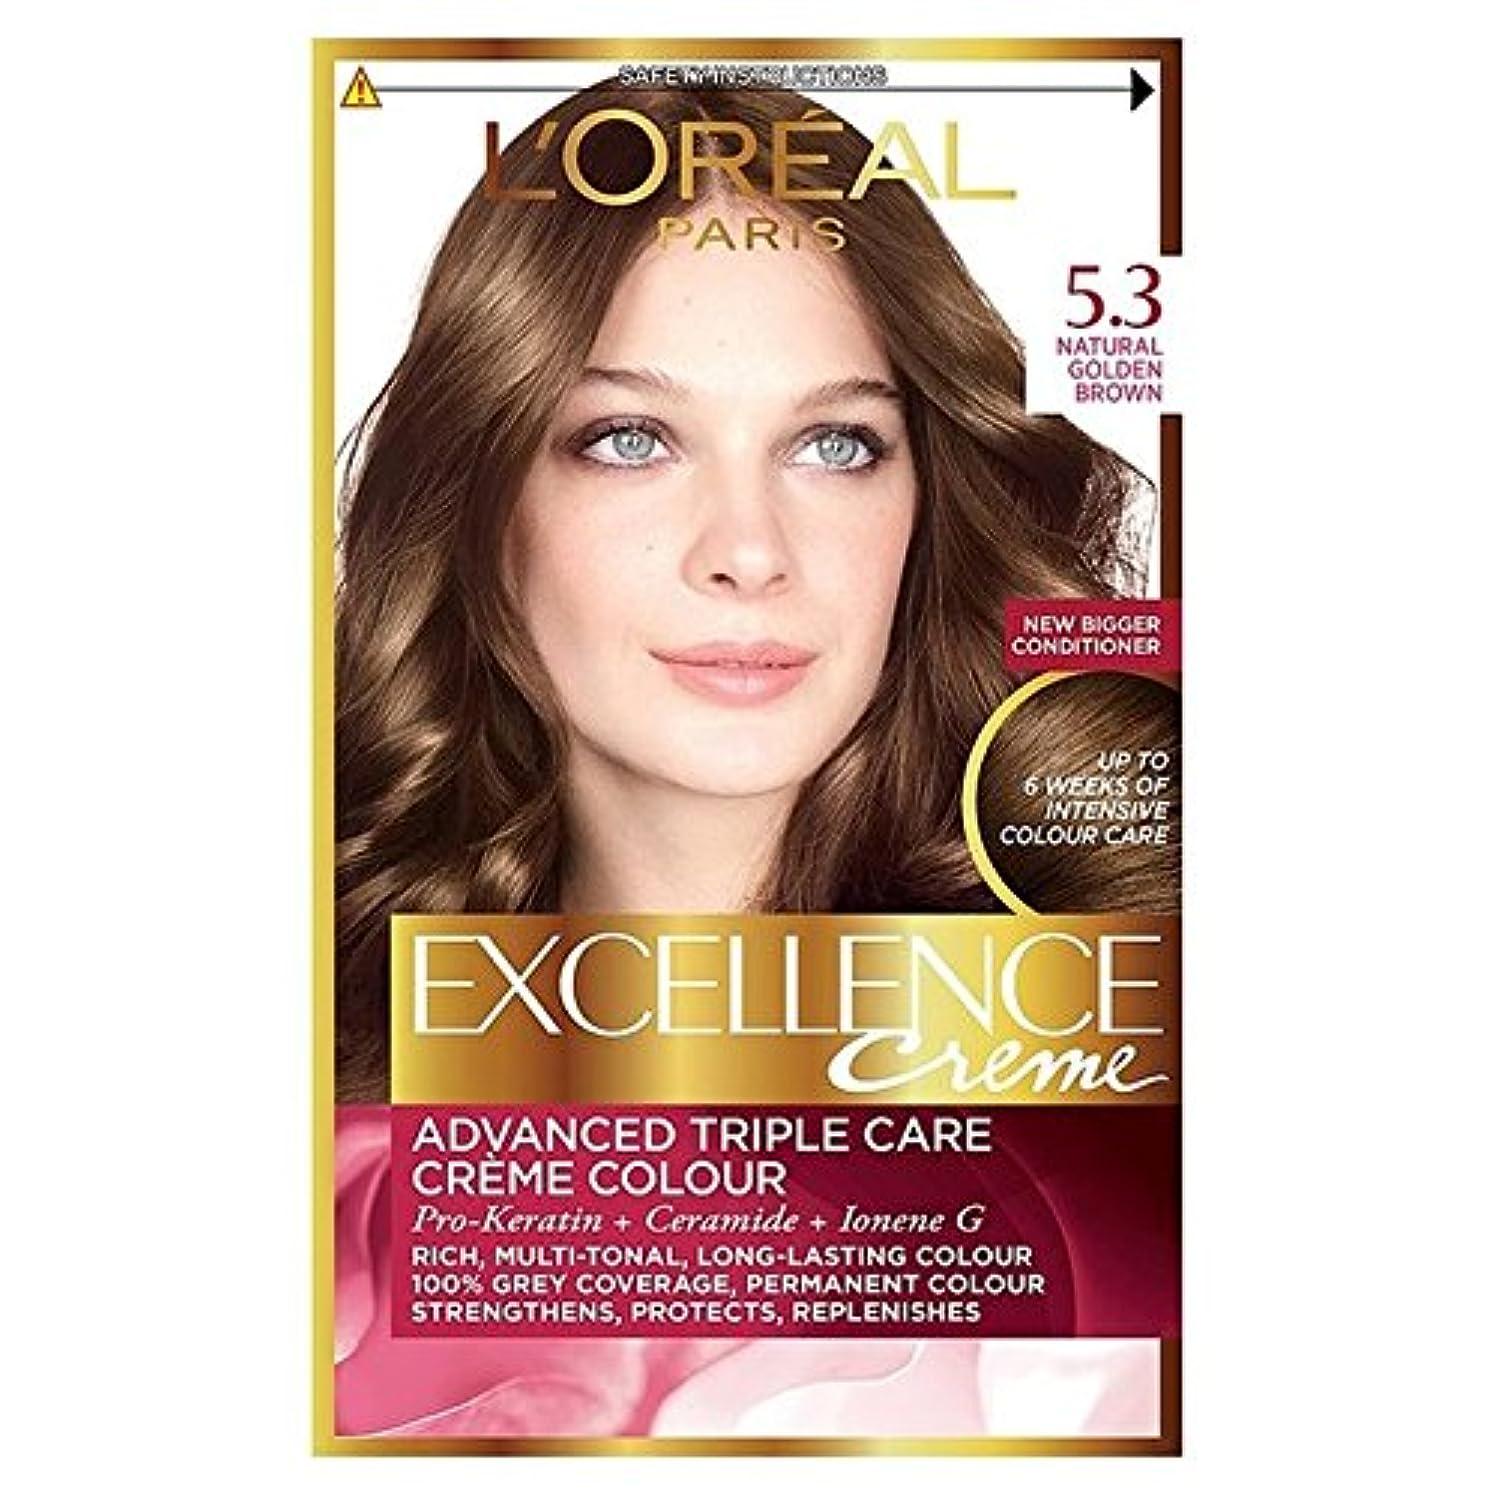 残り物忠誠プレーヤー5.3ゴールデンブラウンロレアルの卓越性 x2 - L'Oreal Excellence Golden Brown 5.3 (Pack of 2) [並行輸入品]